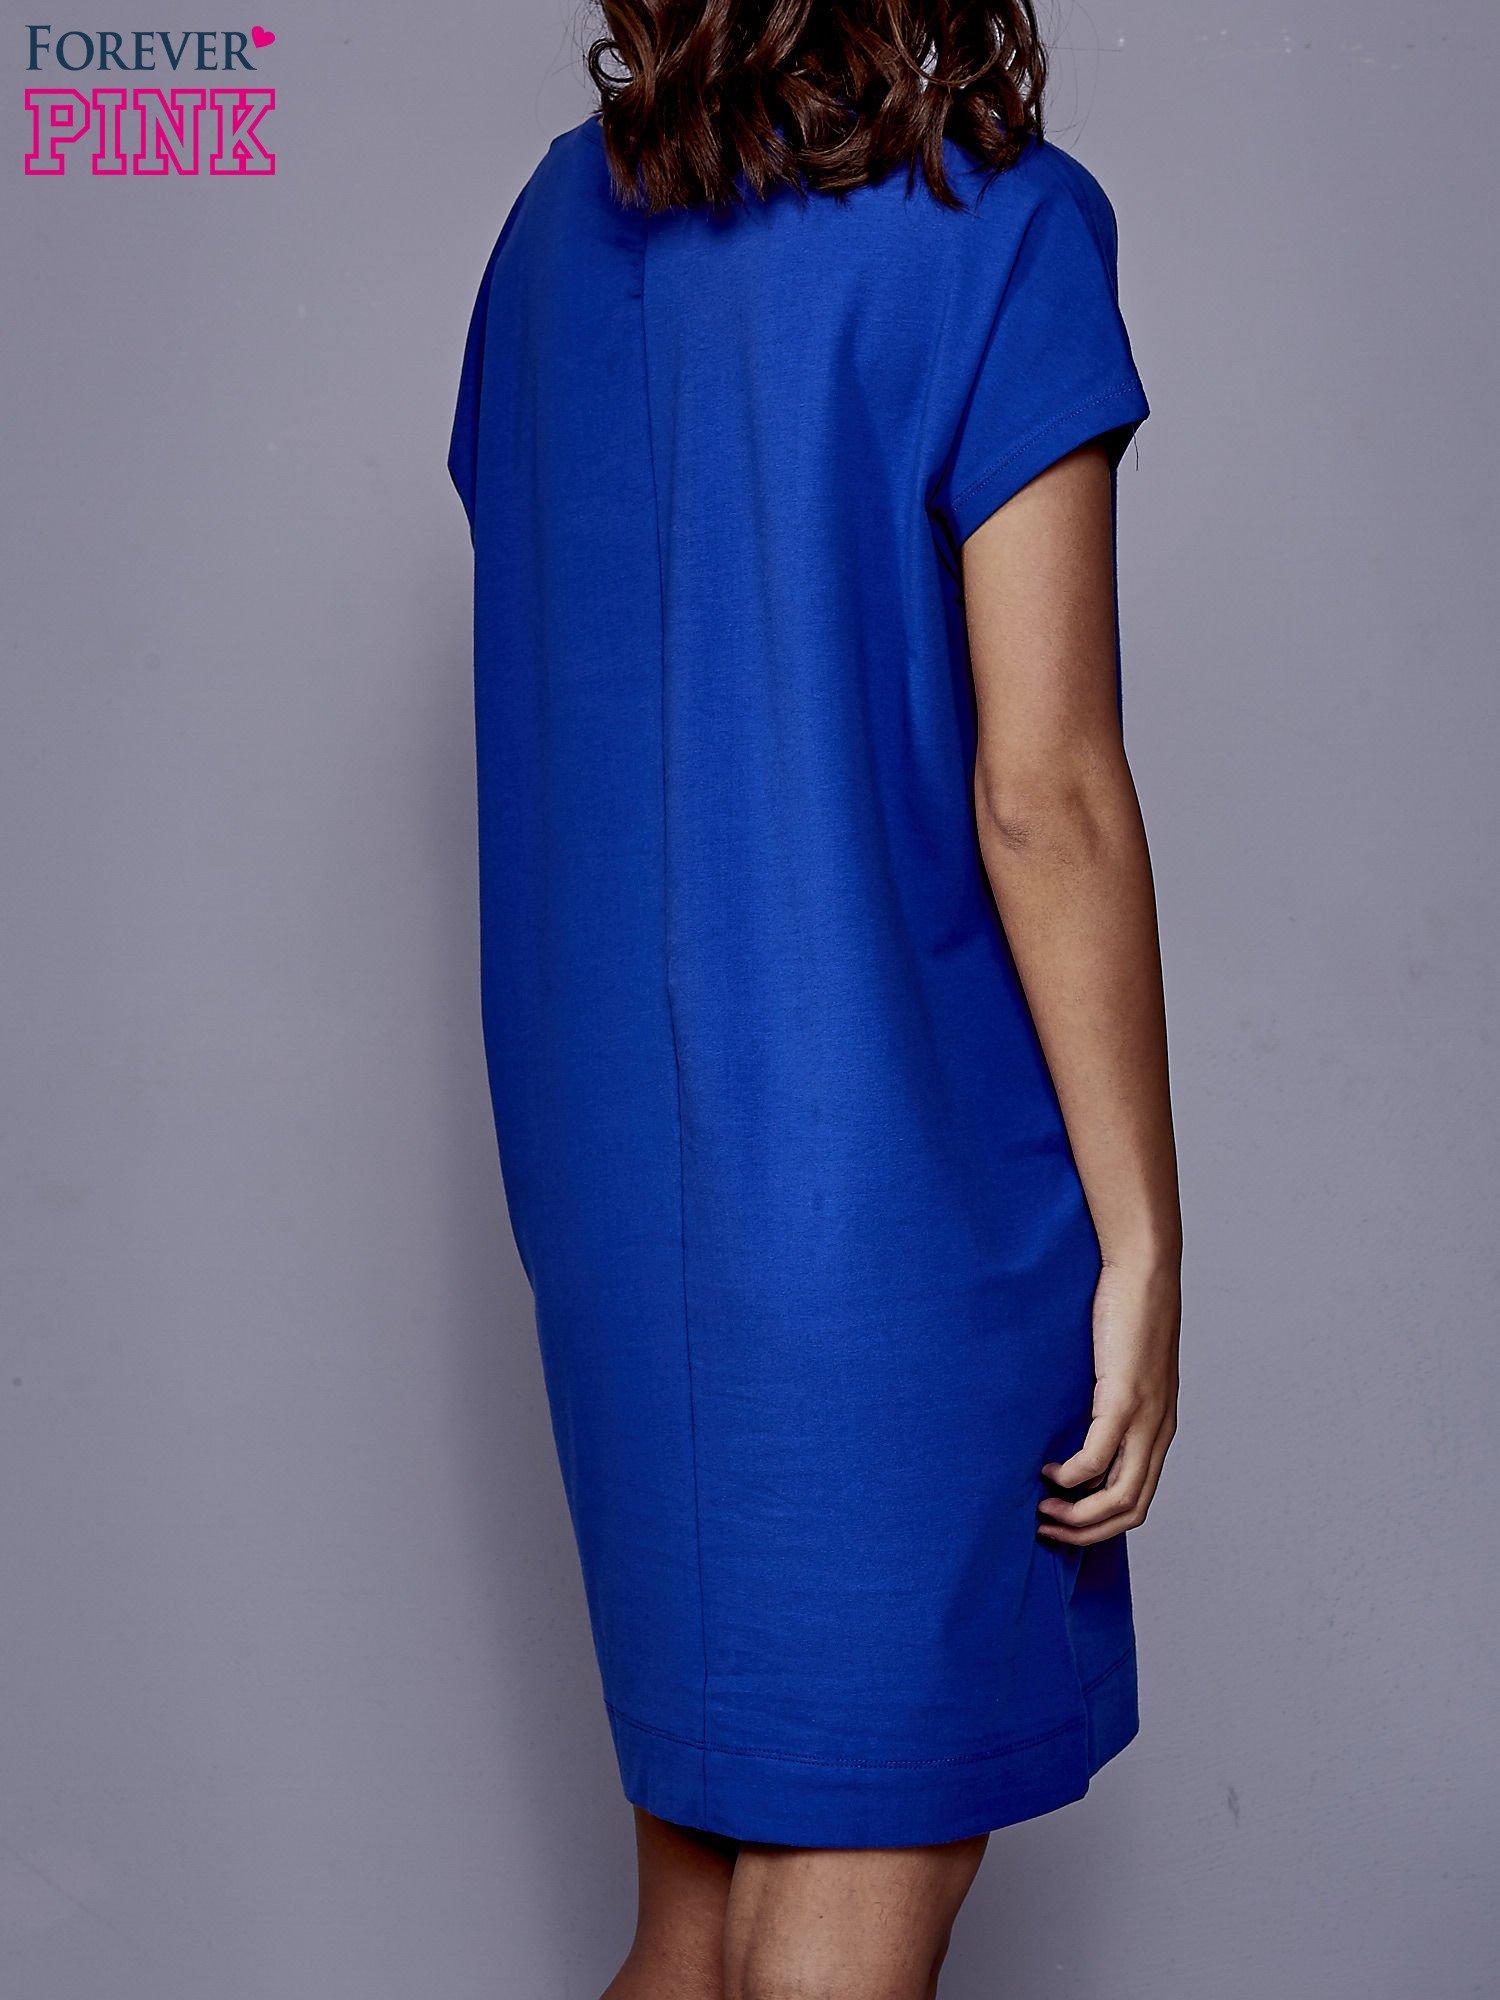 Niebieska sukienka dresowa z kieszeniami po bokach                                  zdj.                                  4